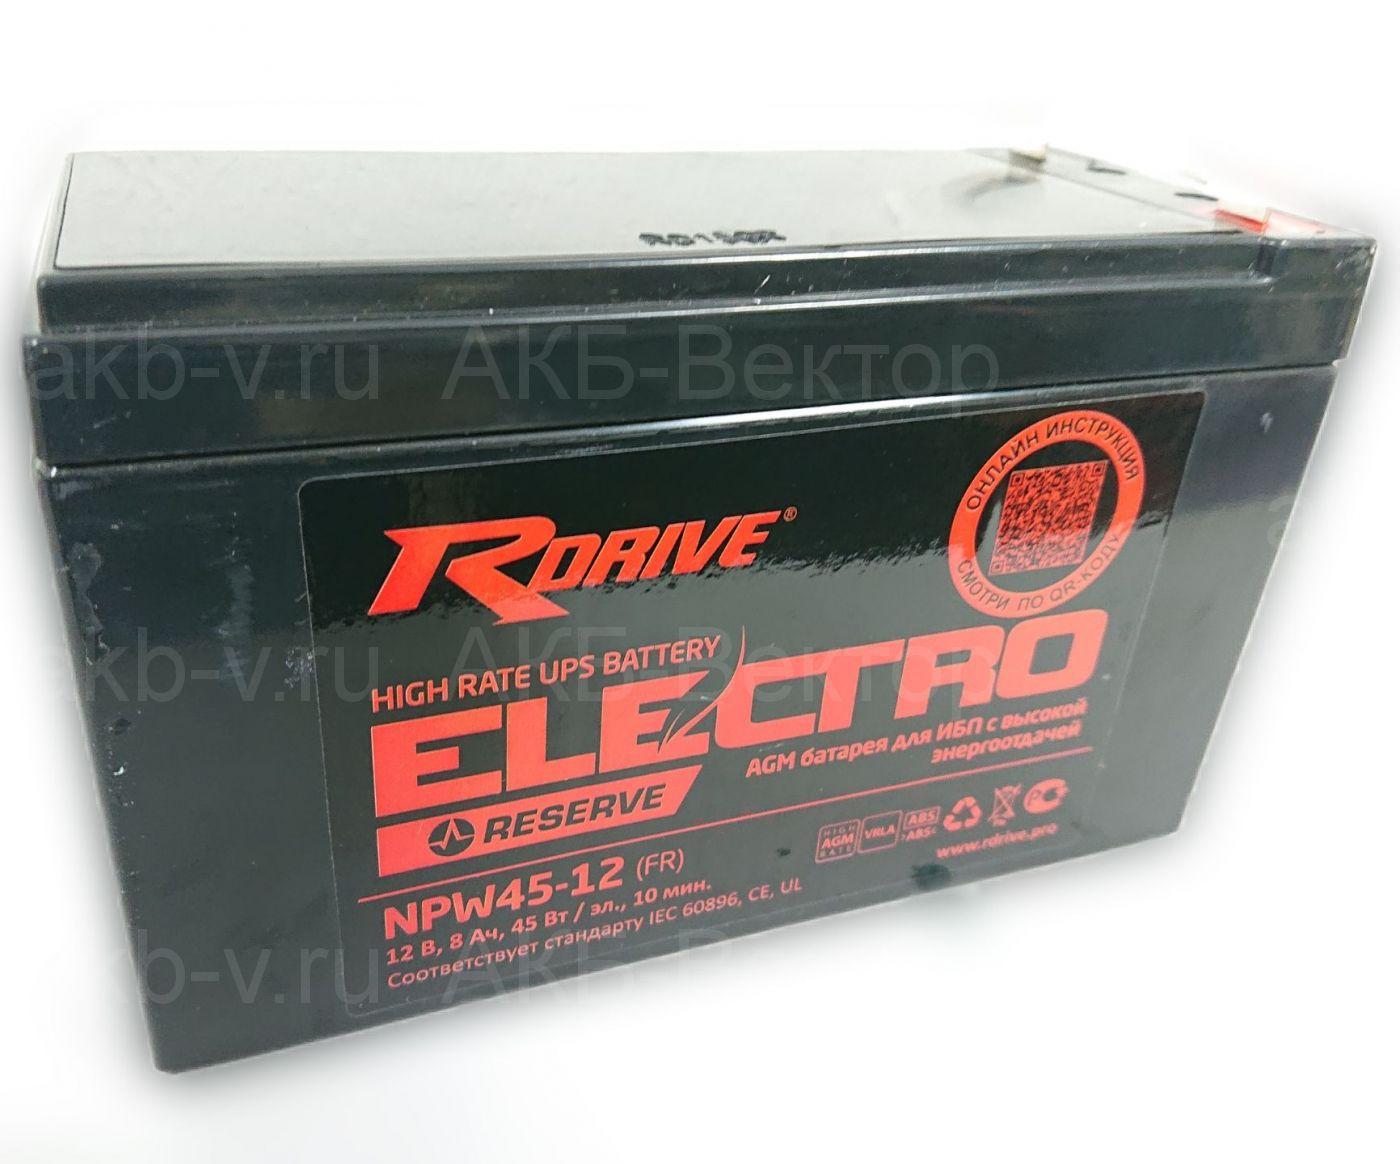 Аккумулятор RDrive ELECTRO Reserve NPW45-12 (FR)  8Ач (AGM) АКБ глубокого разряда (2021г)